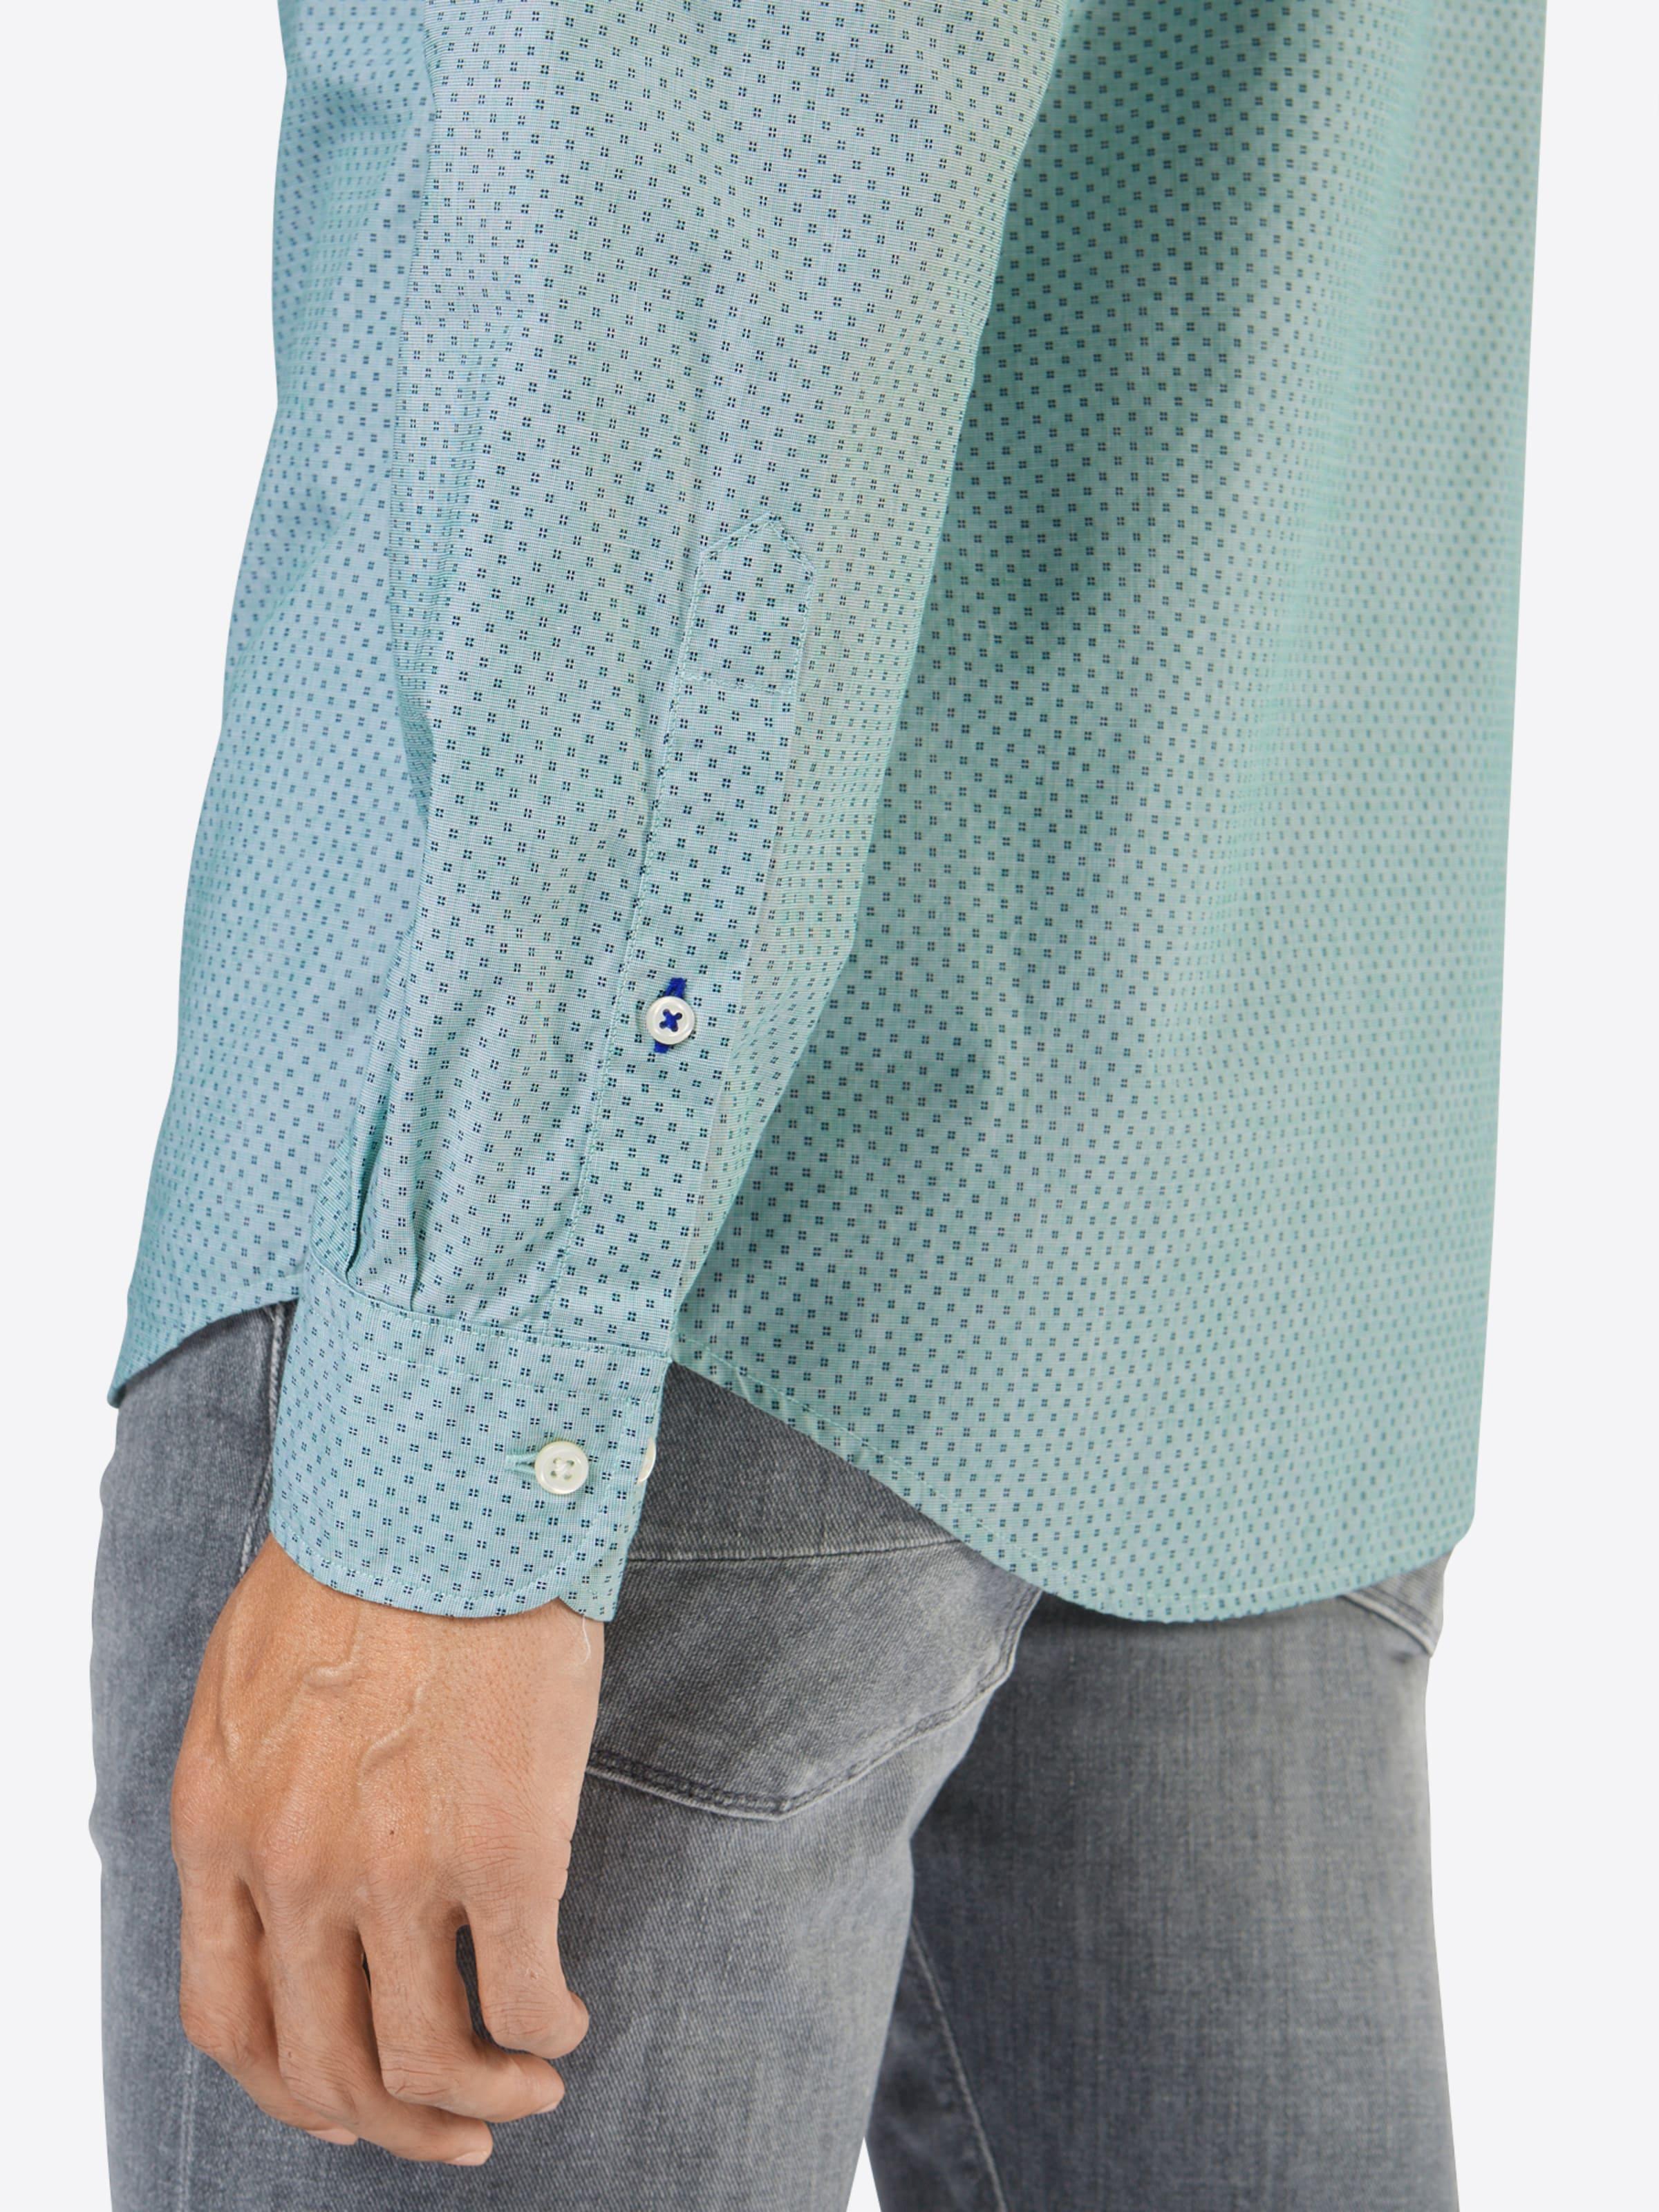 Wie Viel TOMMY HILFIGER Hemd 'PRINTED FIL A FIL RF3' Billig Verkaufen Rabatt Echt Billigste Online Günstig Kaufen Niedrige Versandkosten HEGj6Coi5